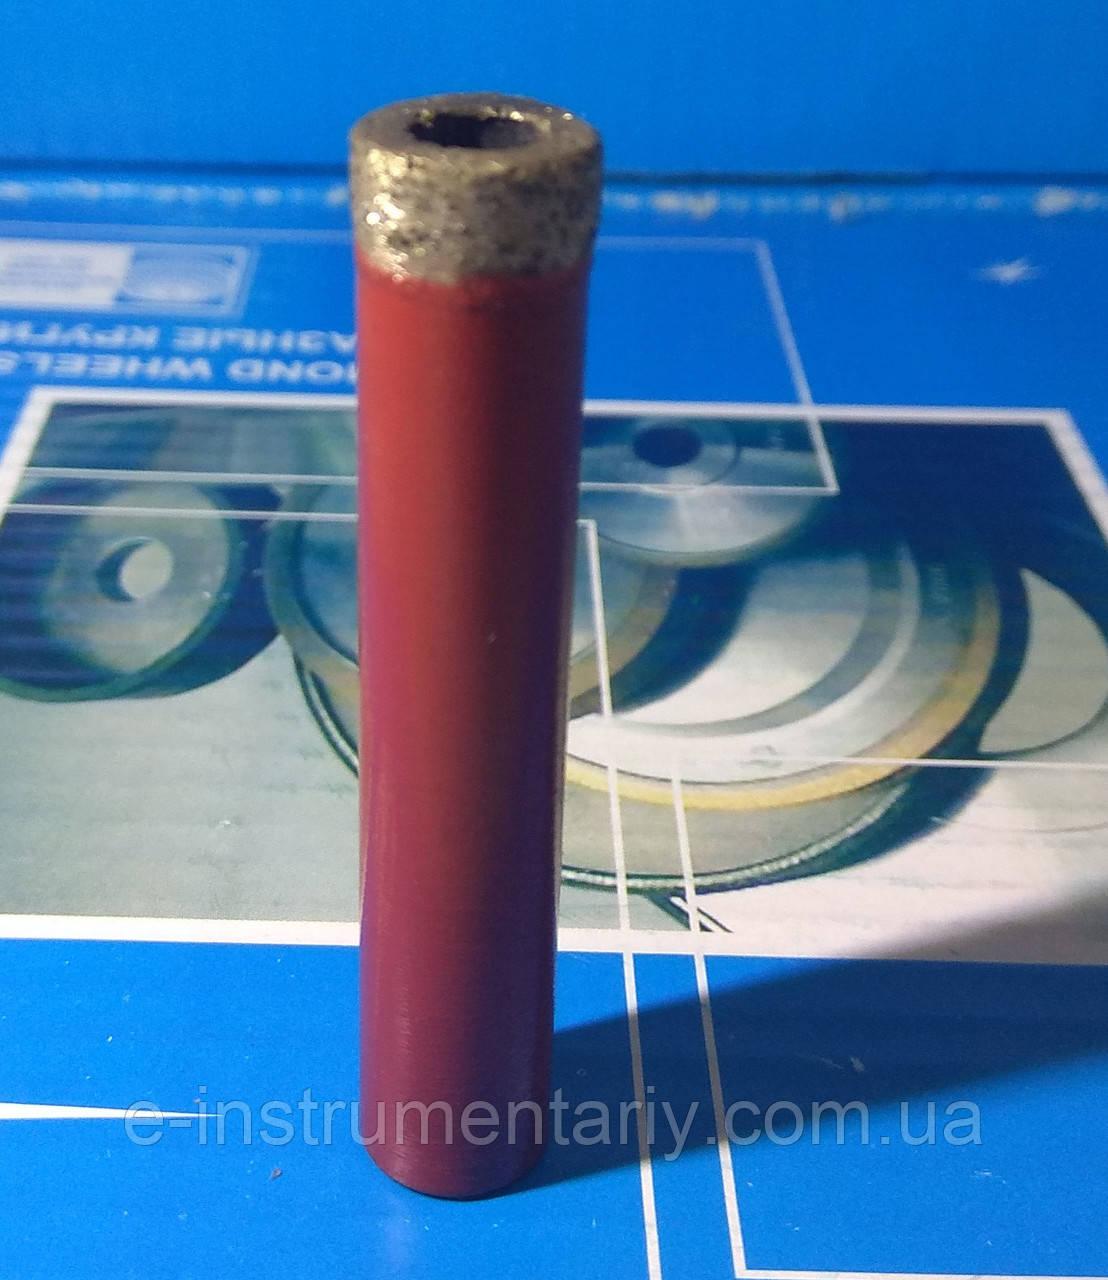 Сверло трубчатое 6мм со спеченным алмазоносным слоем